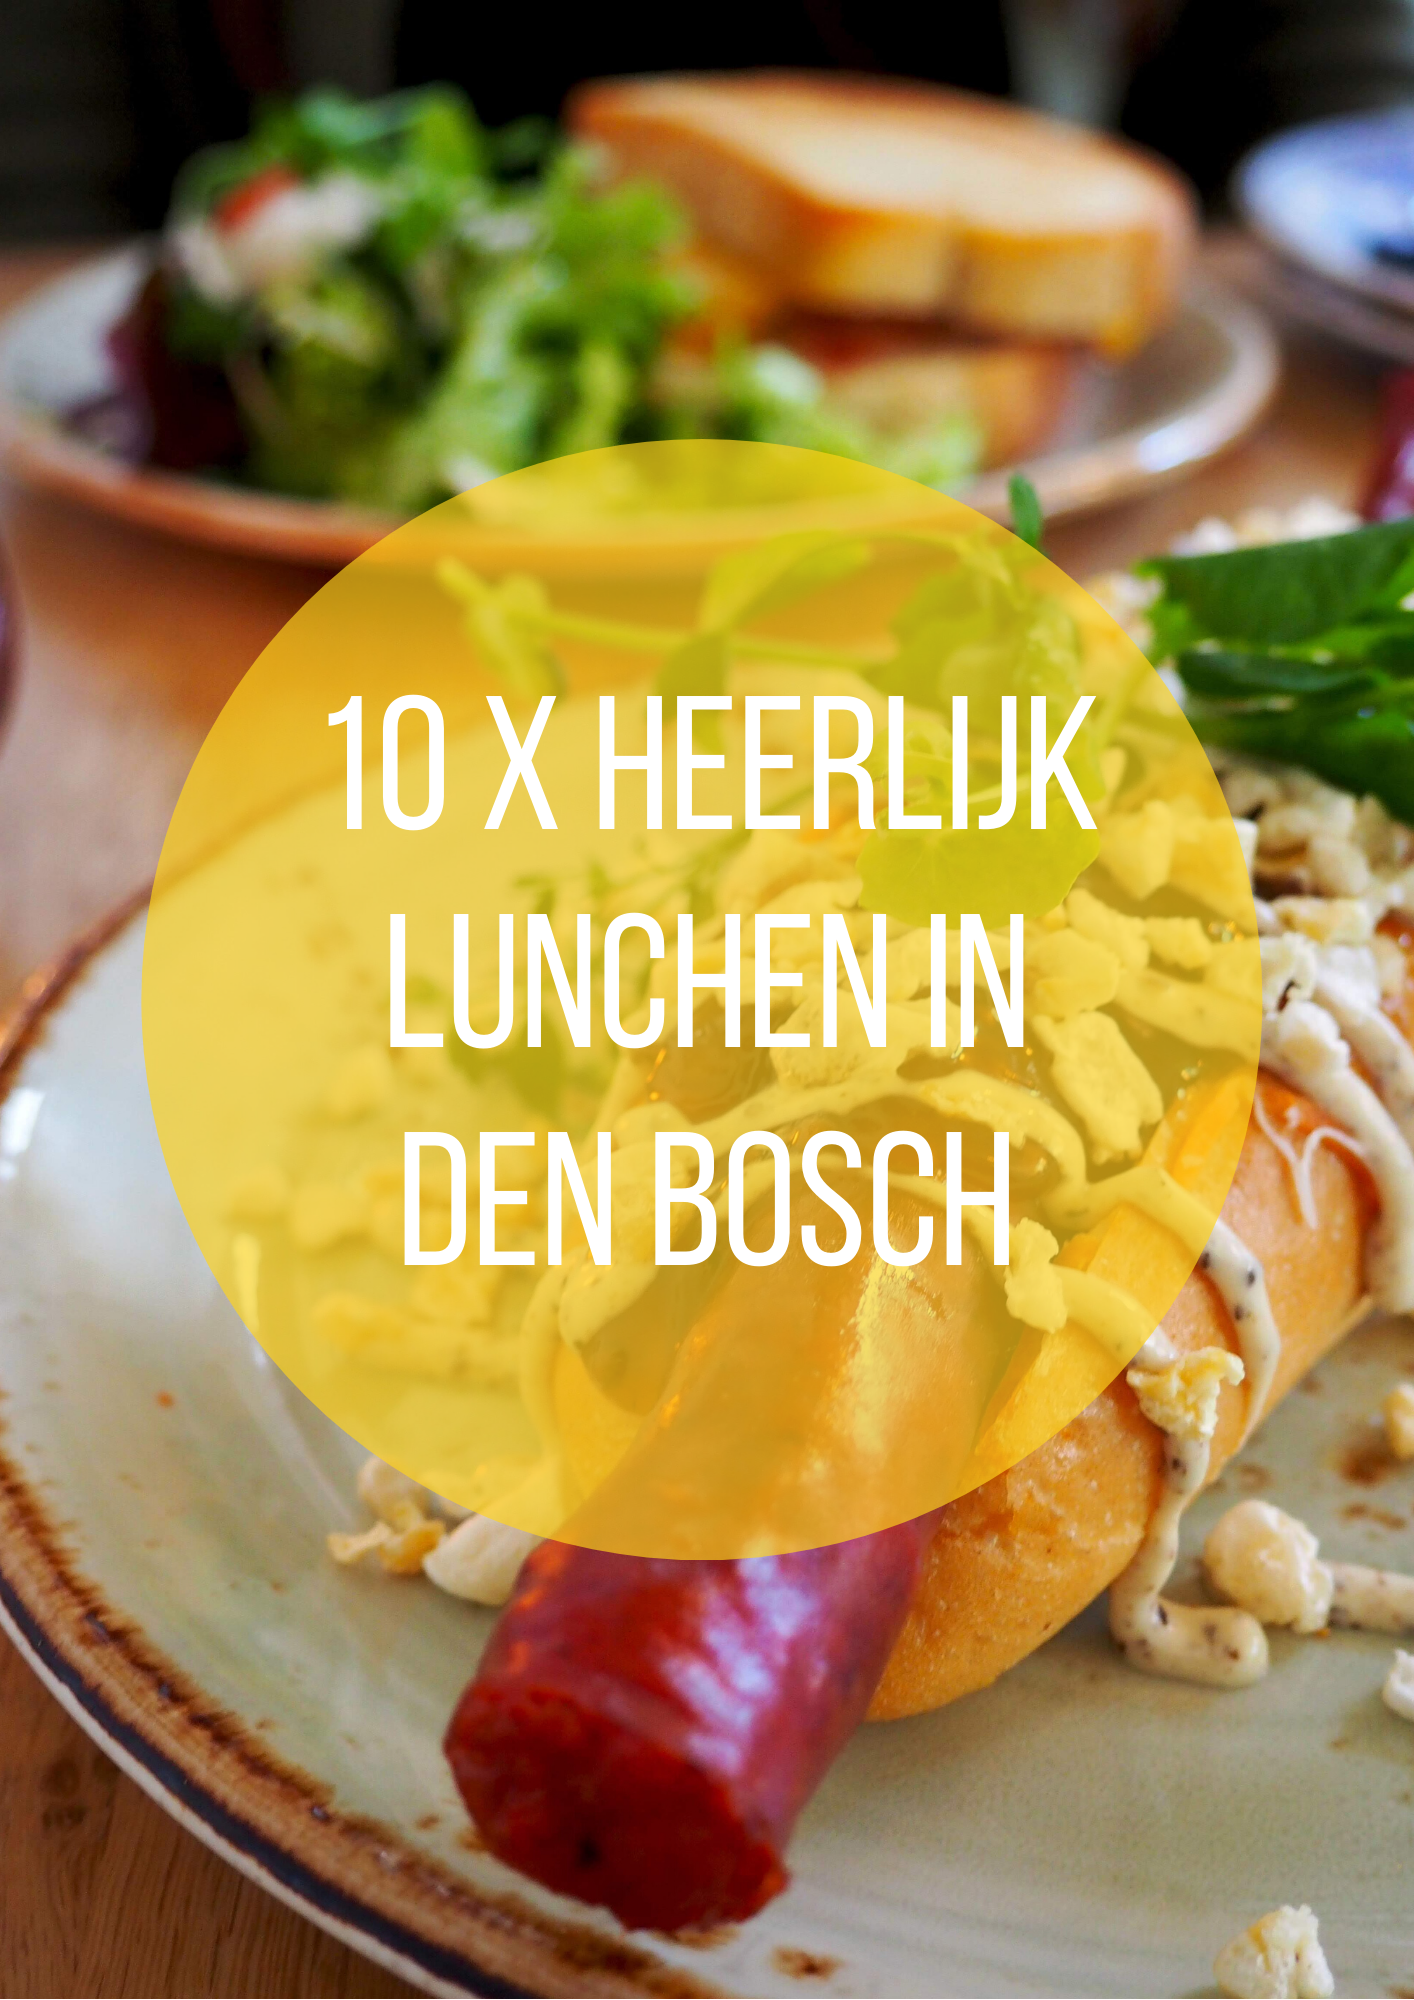 10 x heerlijk lunchen in Den Bosch